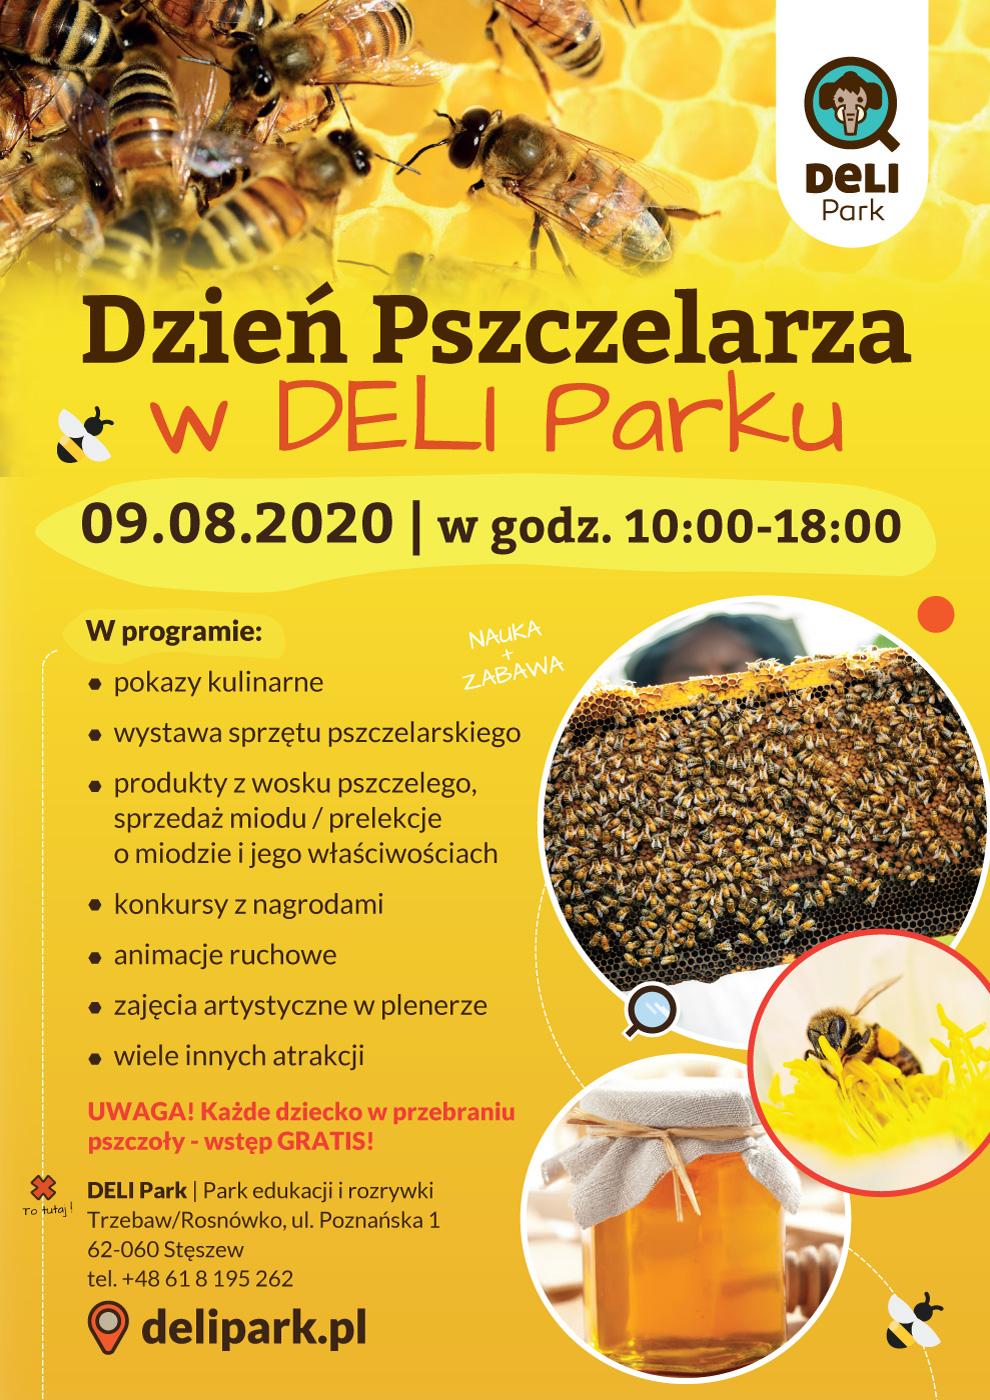 Dzień Pszczelarza w DELI Park